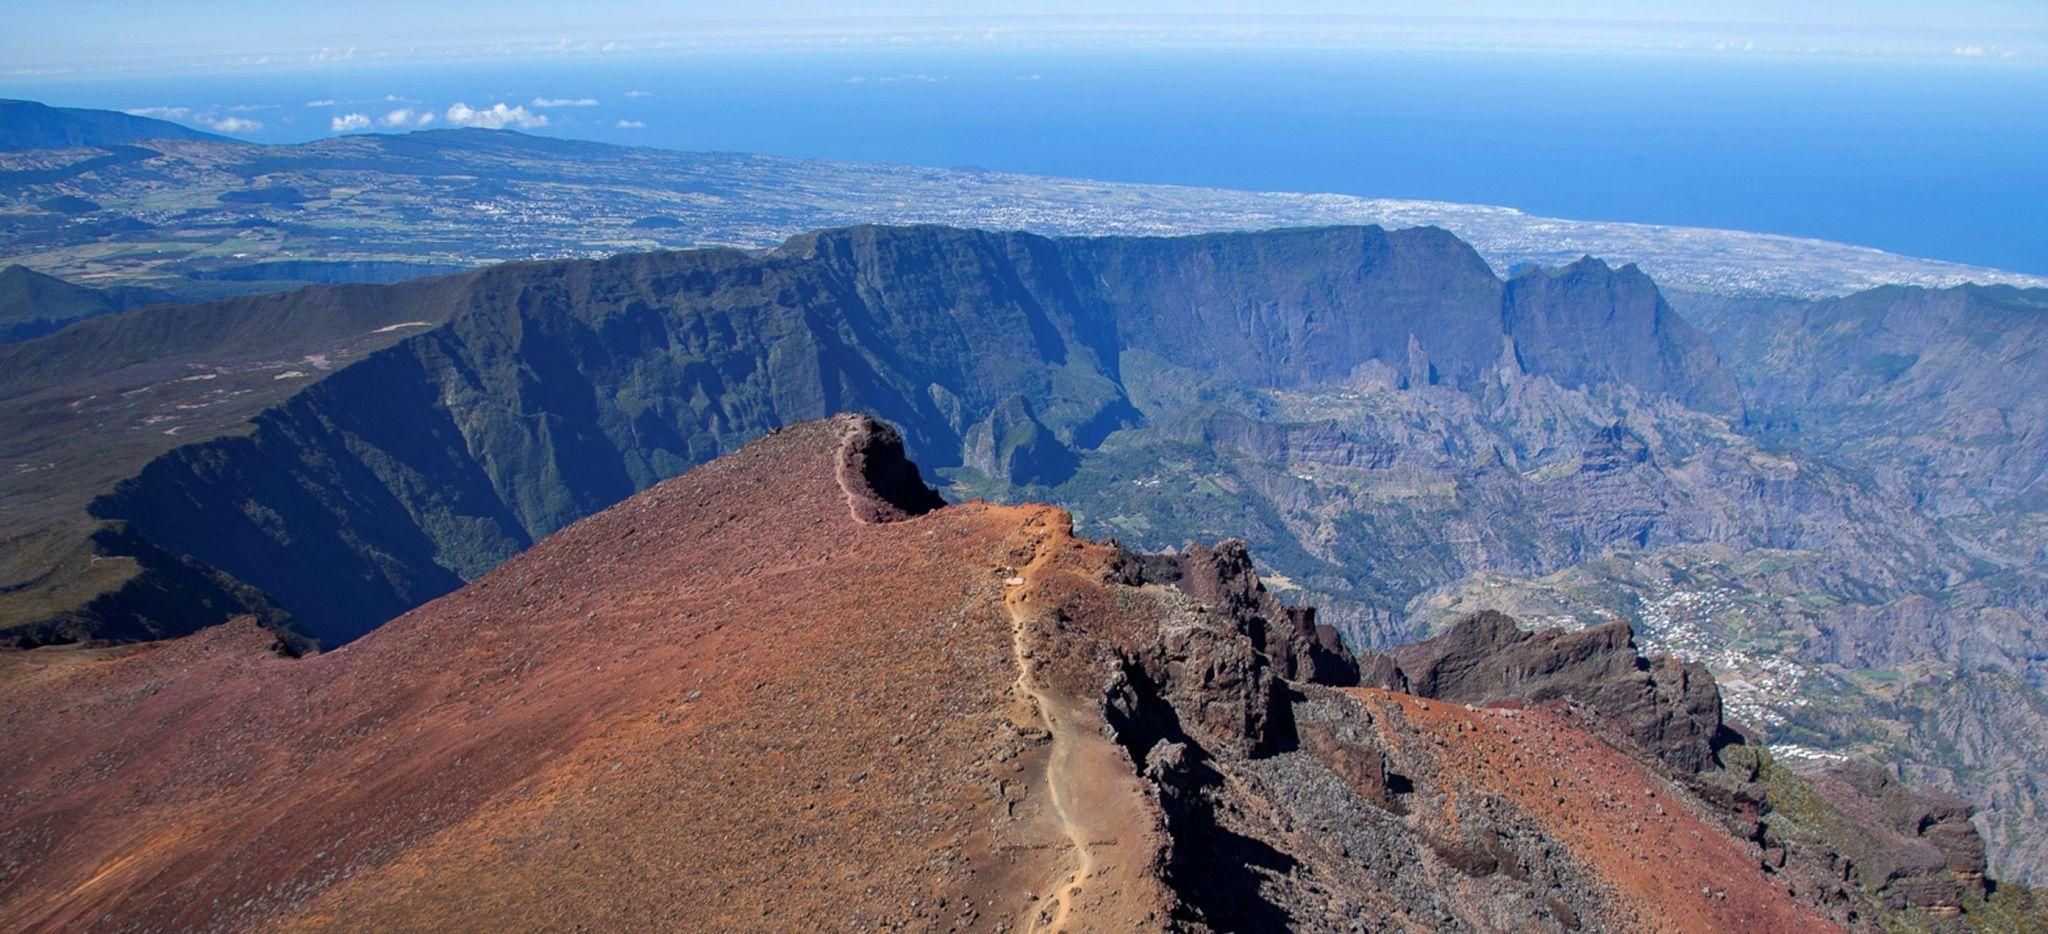 Vulkanlandschaft auf La Réunion mit weitem Blick über die Küstenregion